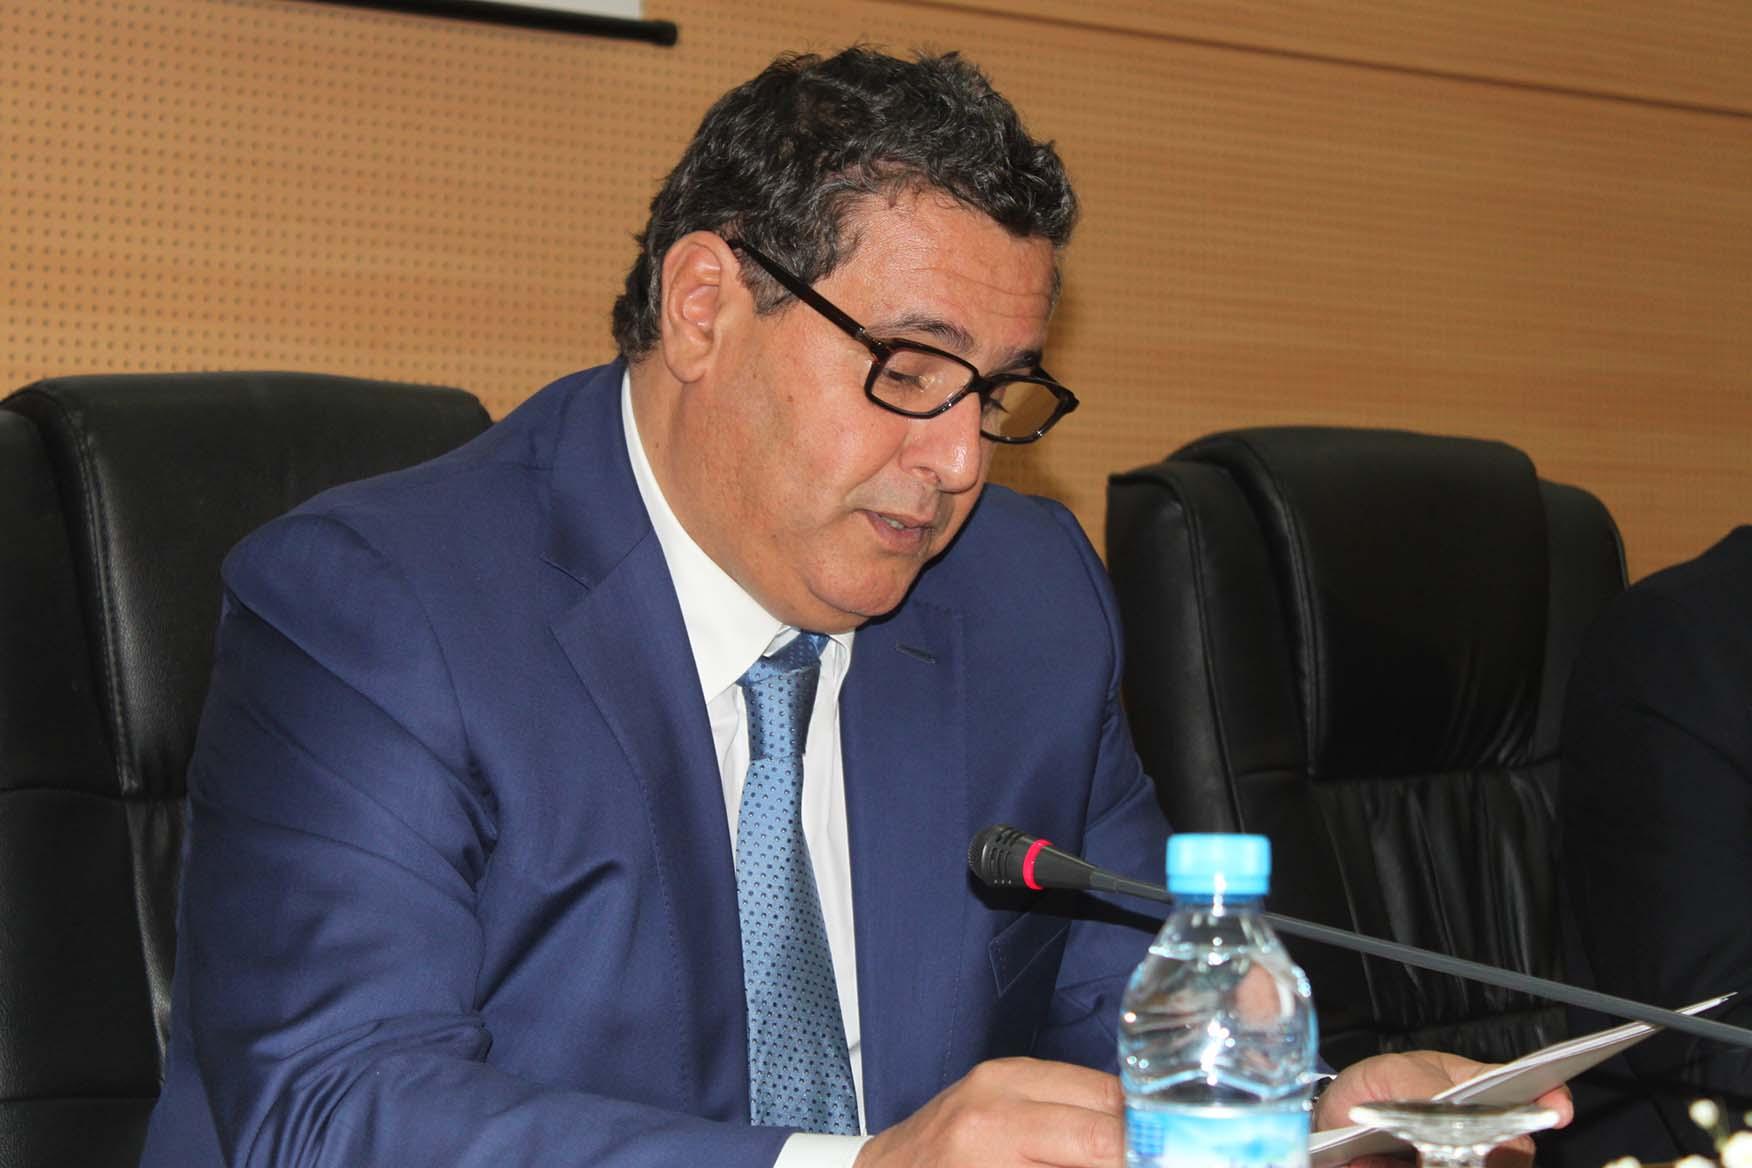 السيد أخنوش يطلع بإقليم الرشيدية على مشروعين فلاحيين بقيمة أزيد من 247 مليون درهم.